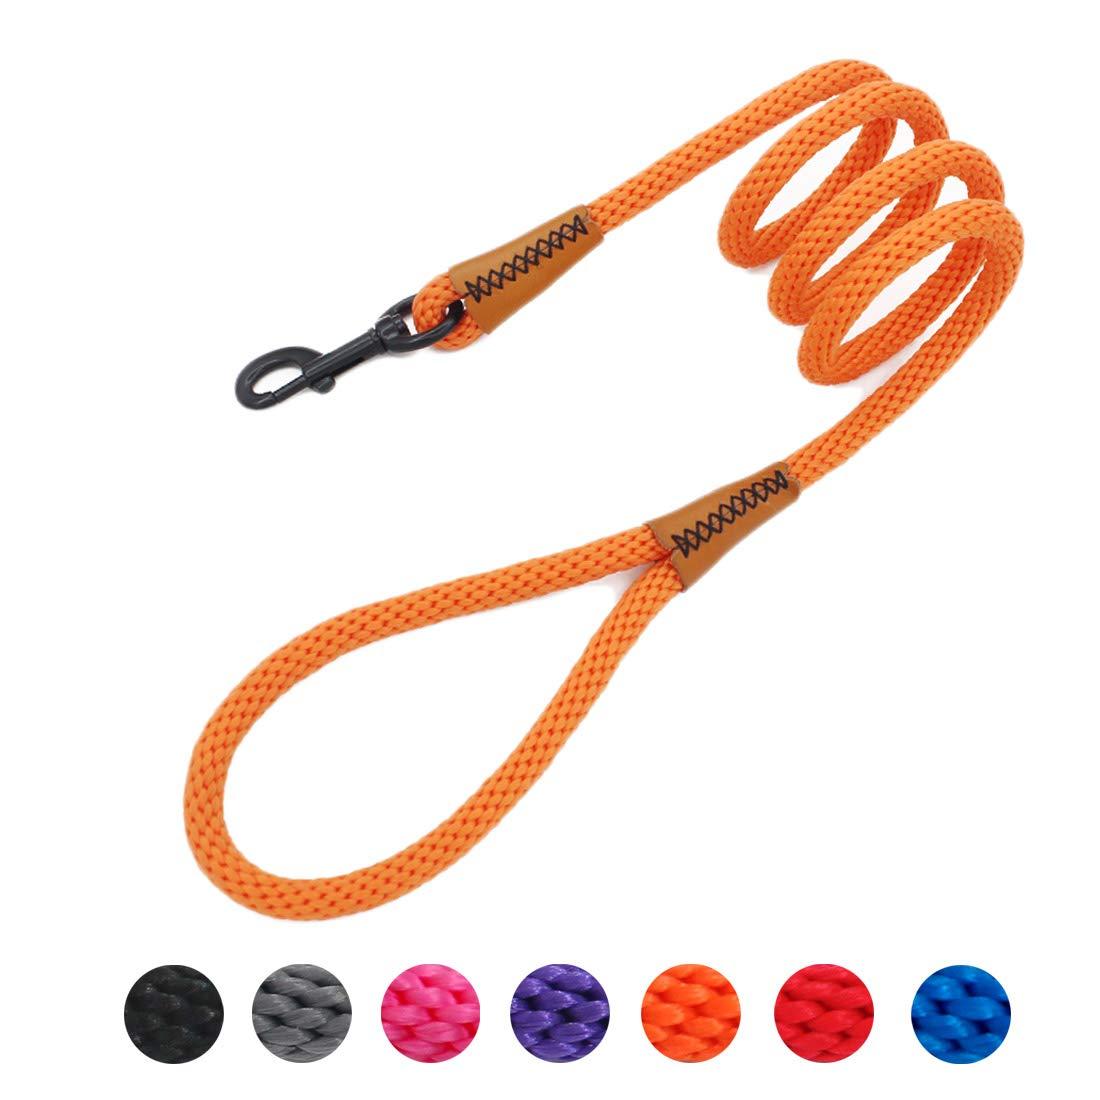 orange Braided Dog Rope Pet Leash Dog Traction Rope Leashes Dog Walking Training Lead for Small Medium Large dogs (orange)